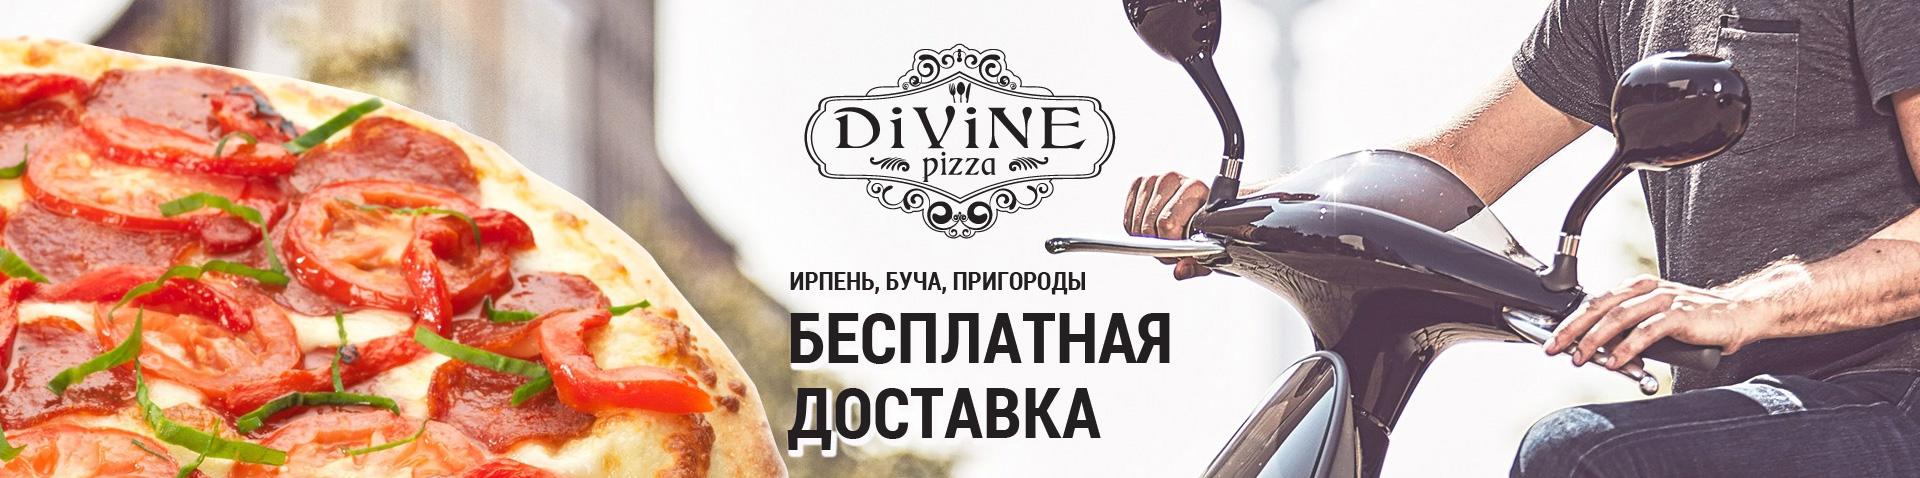 Бесплатная доставка заказа: пицца и суши в Ирпене, Буче и пригородах